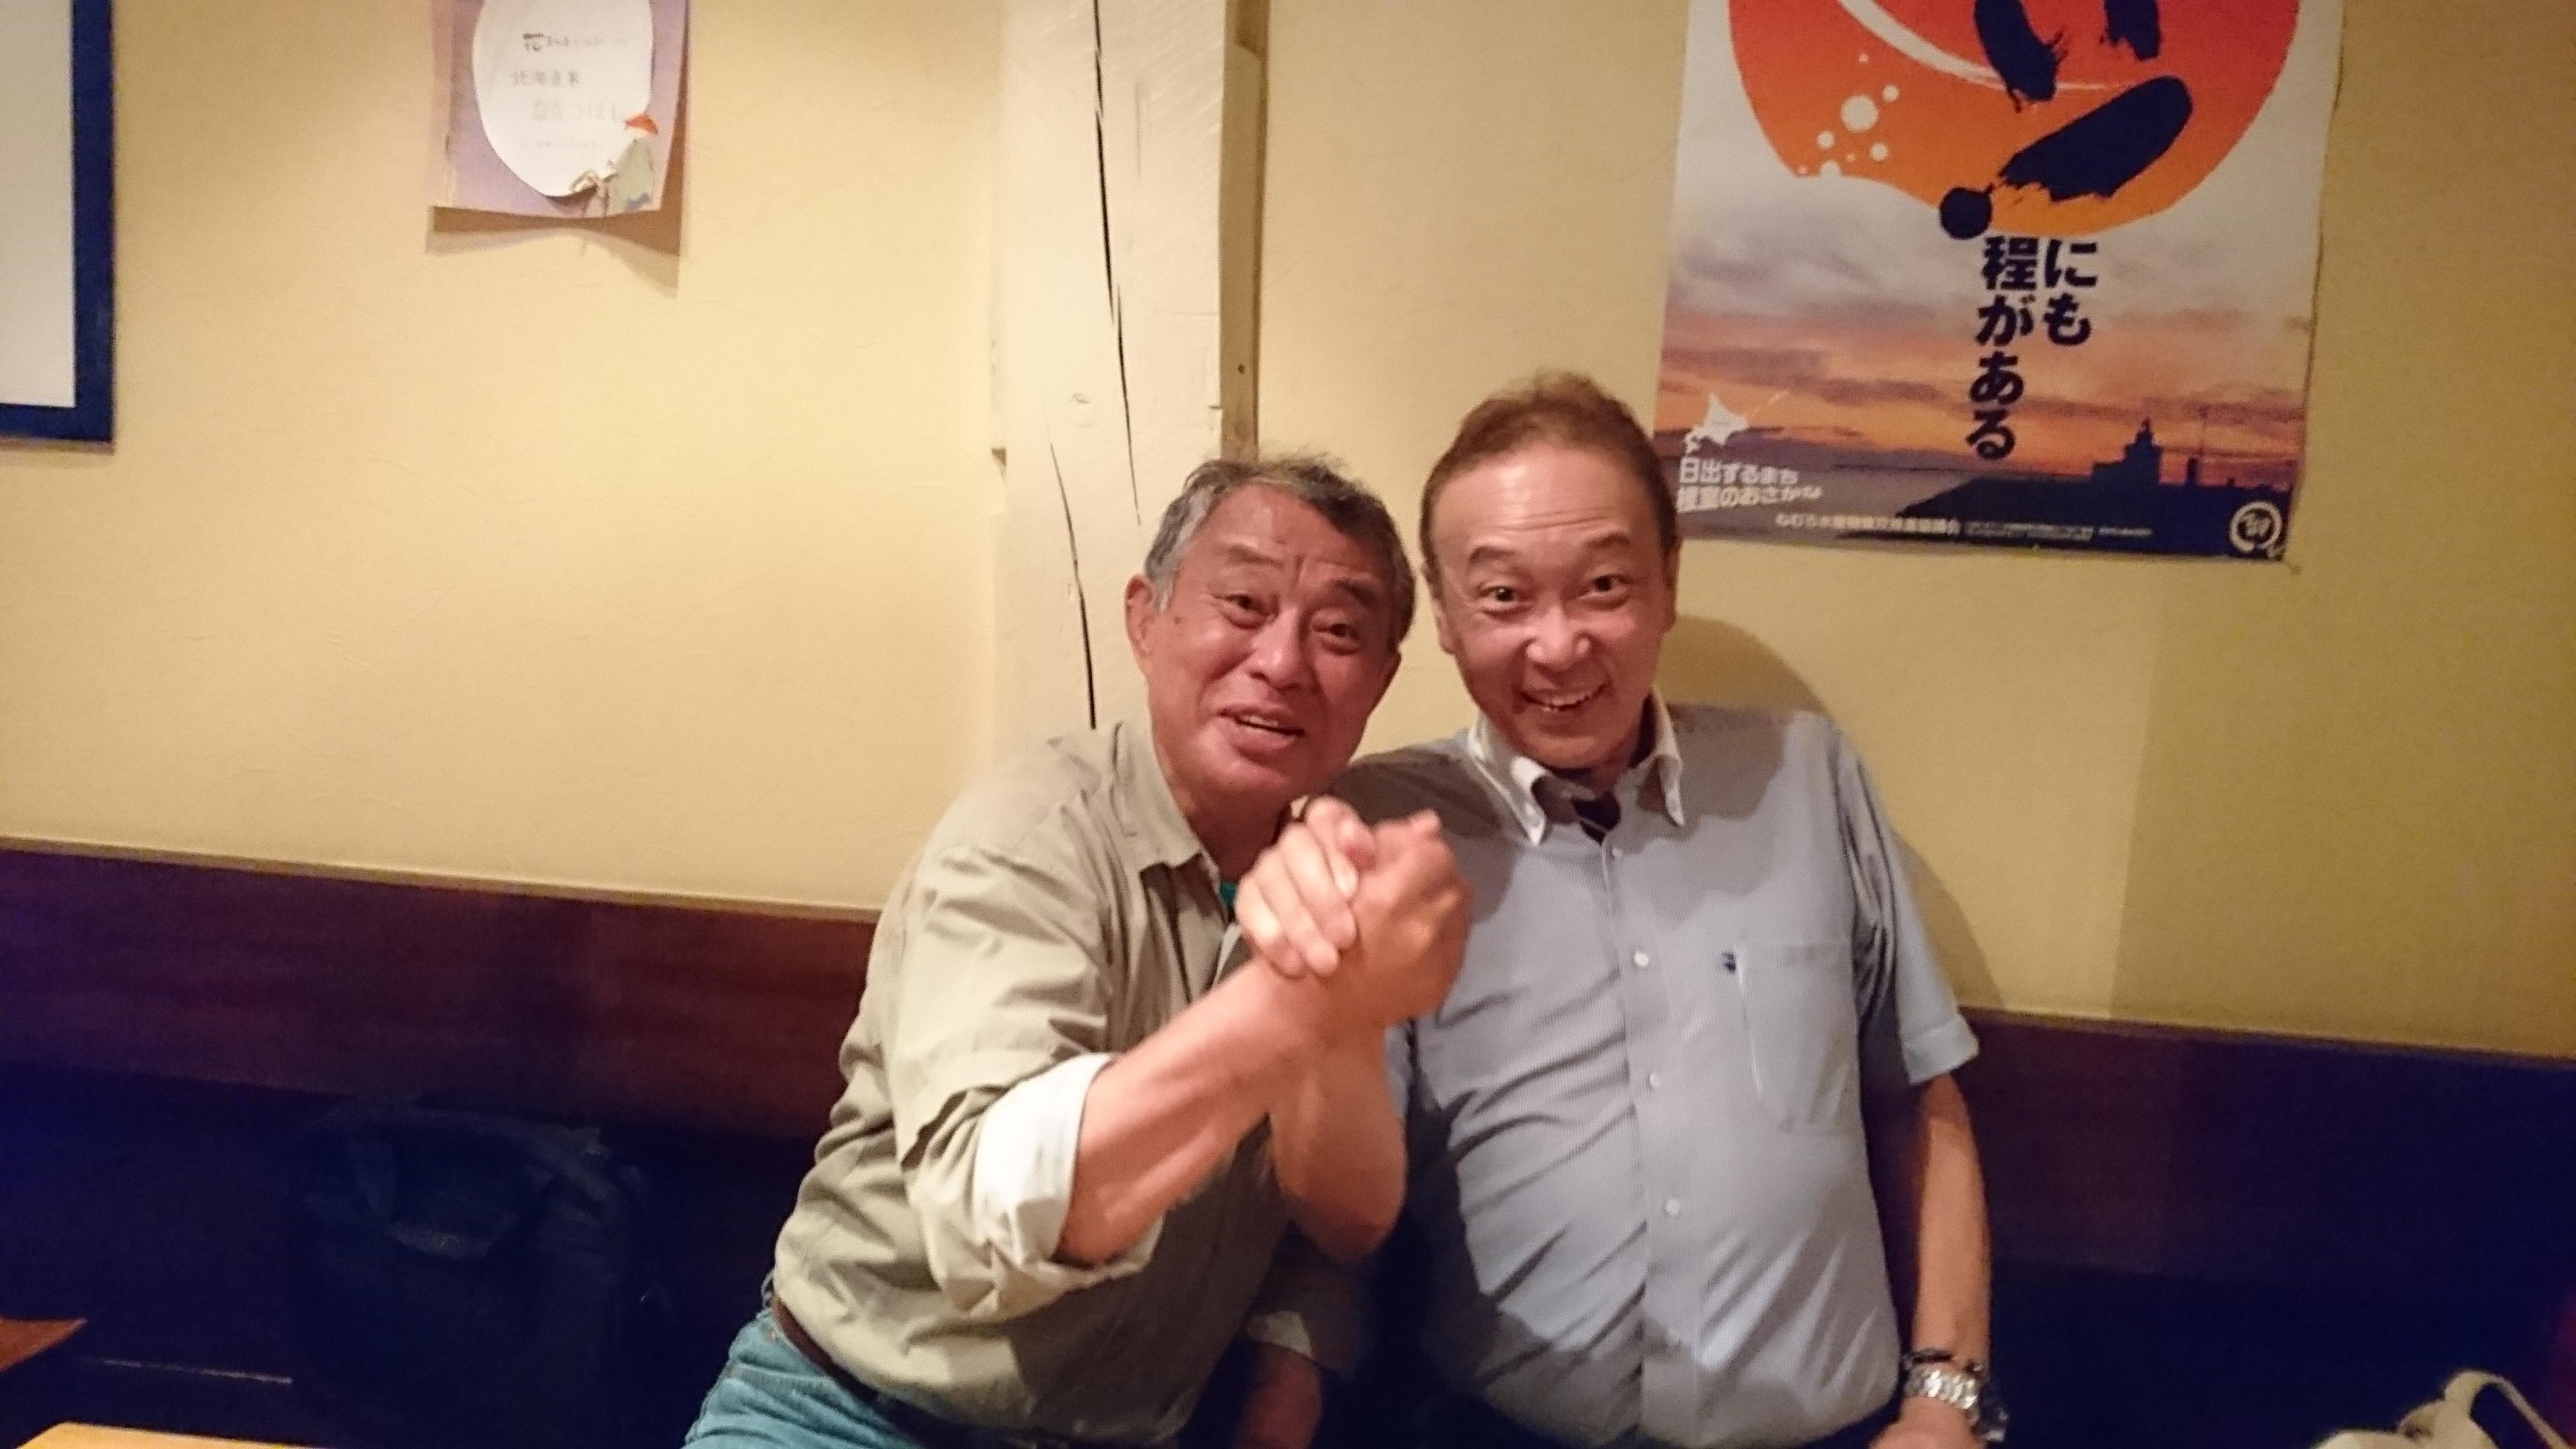 賀曽利さん